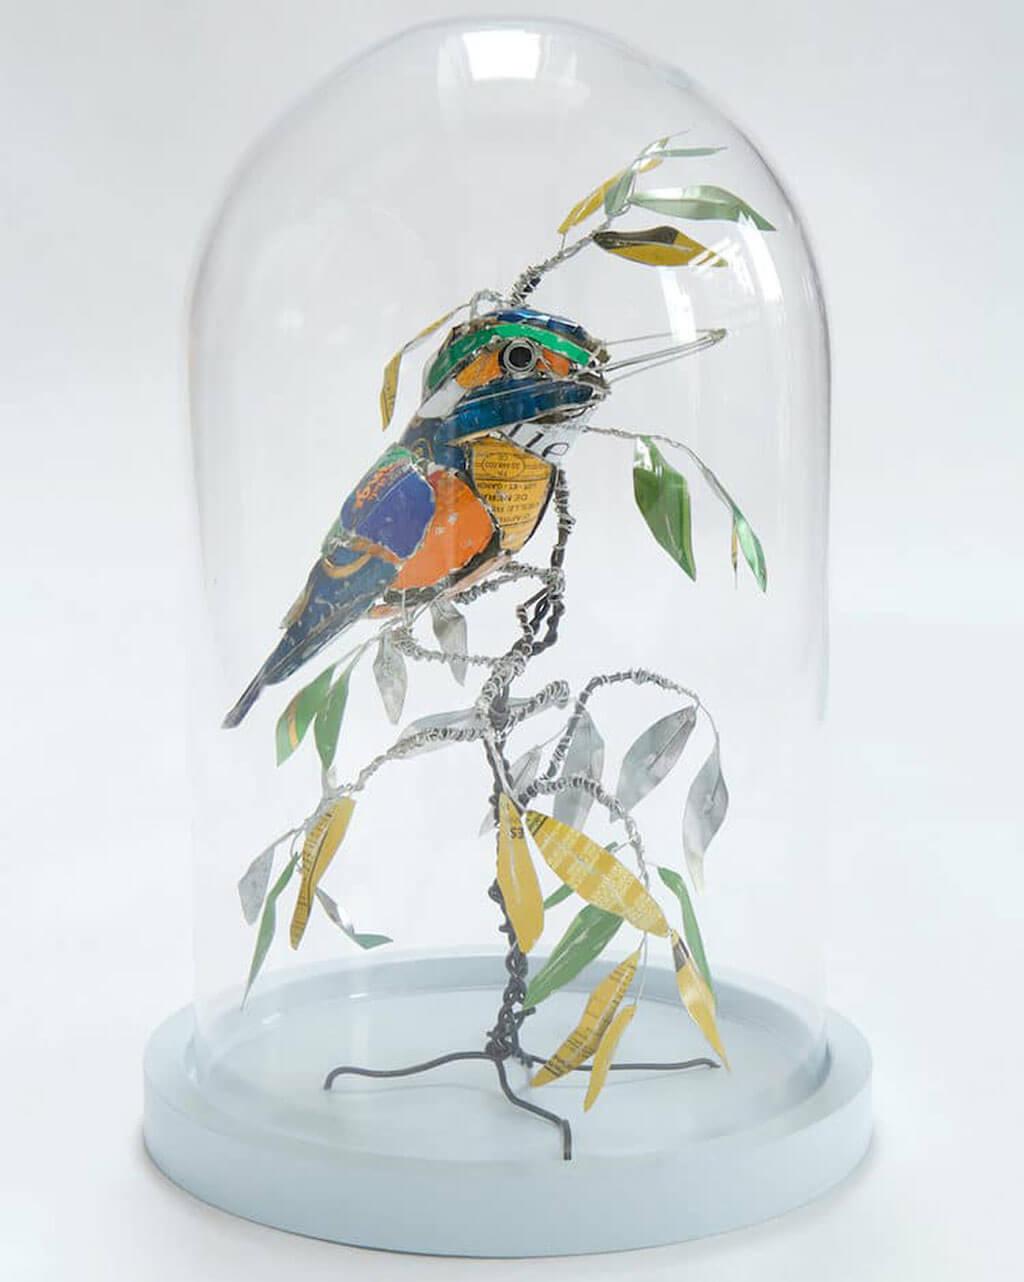 Barbara Franc upcycling art